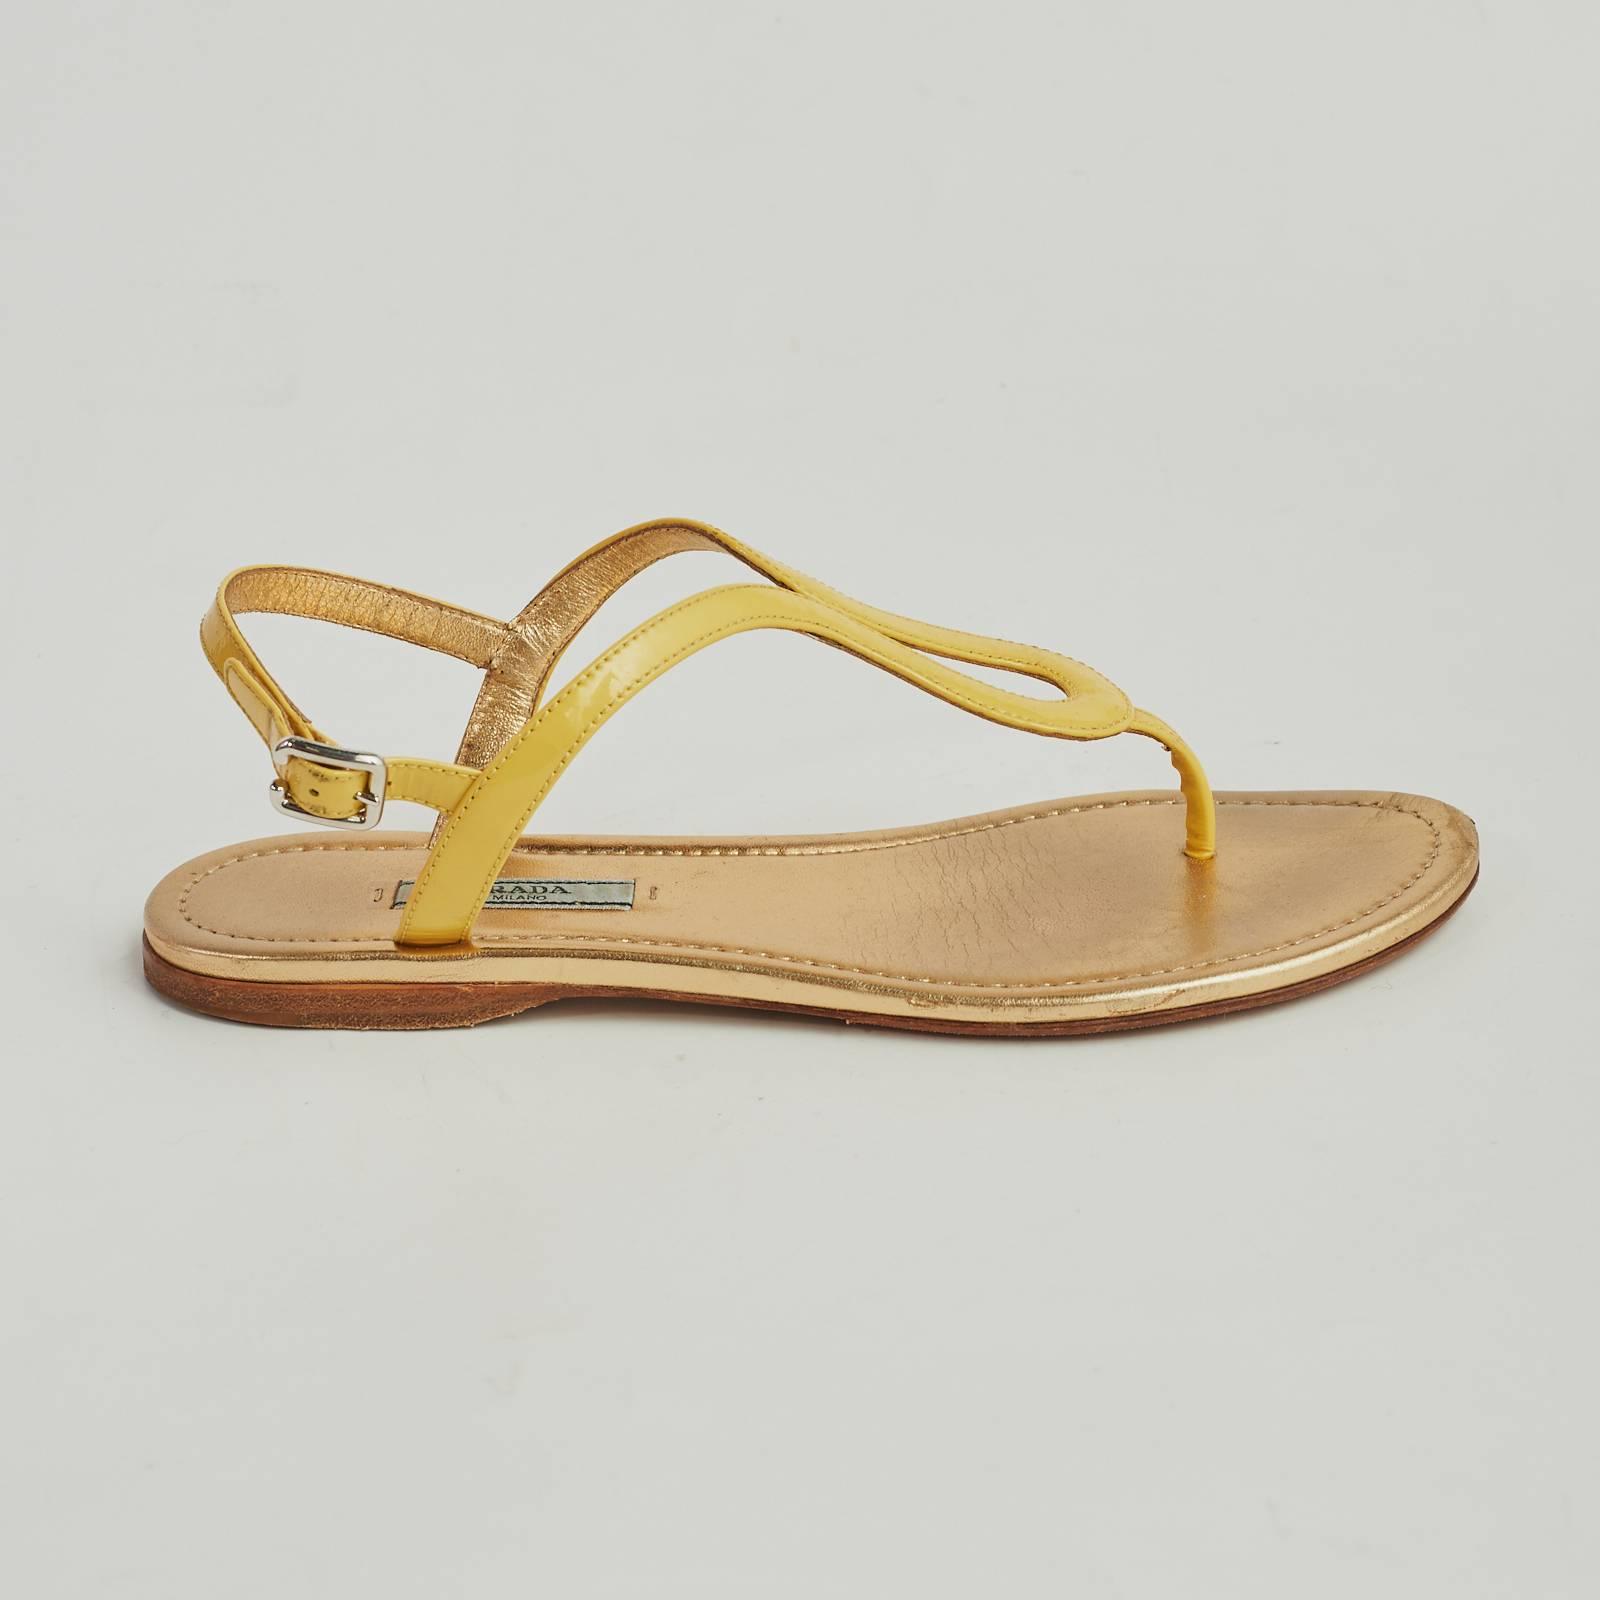 Купить сандалии Prada в Москве с доставкой по цене 7980 рублей   Second Friend Store